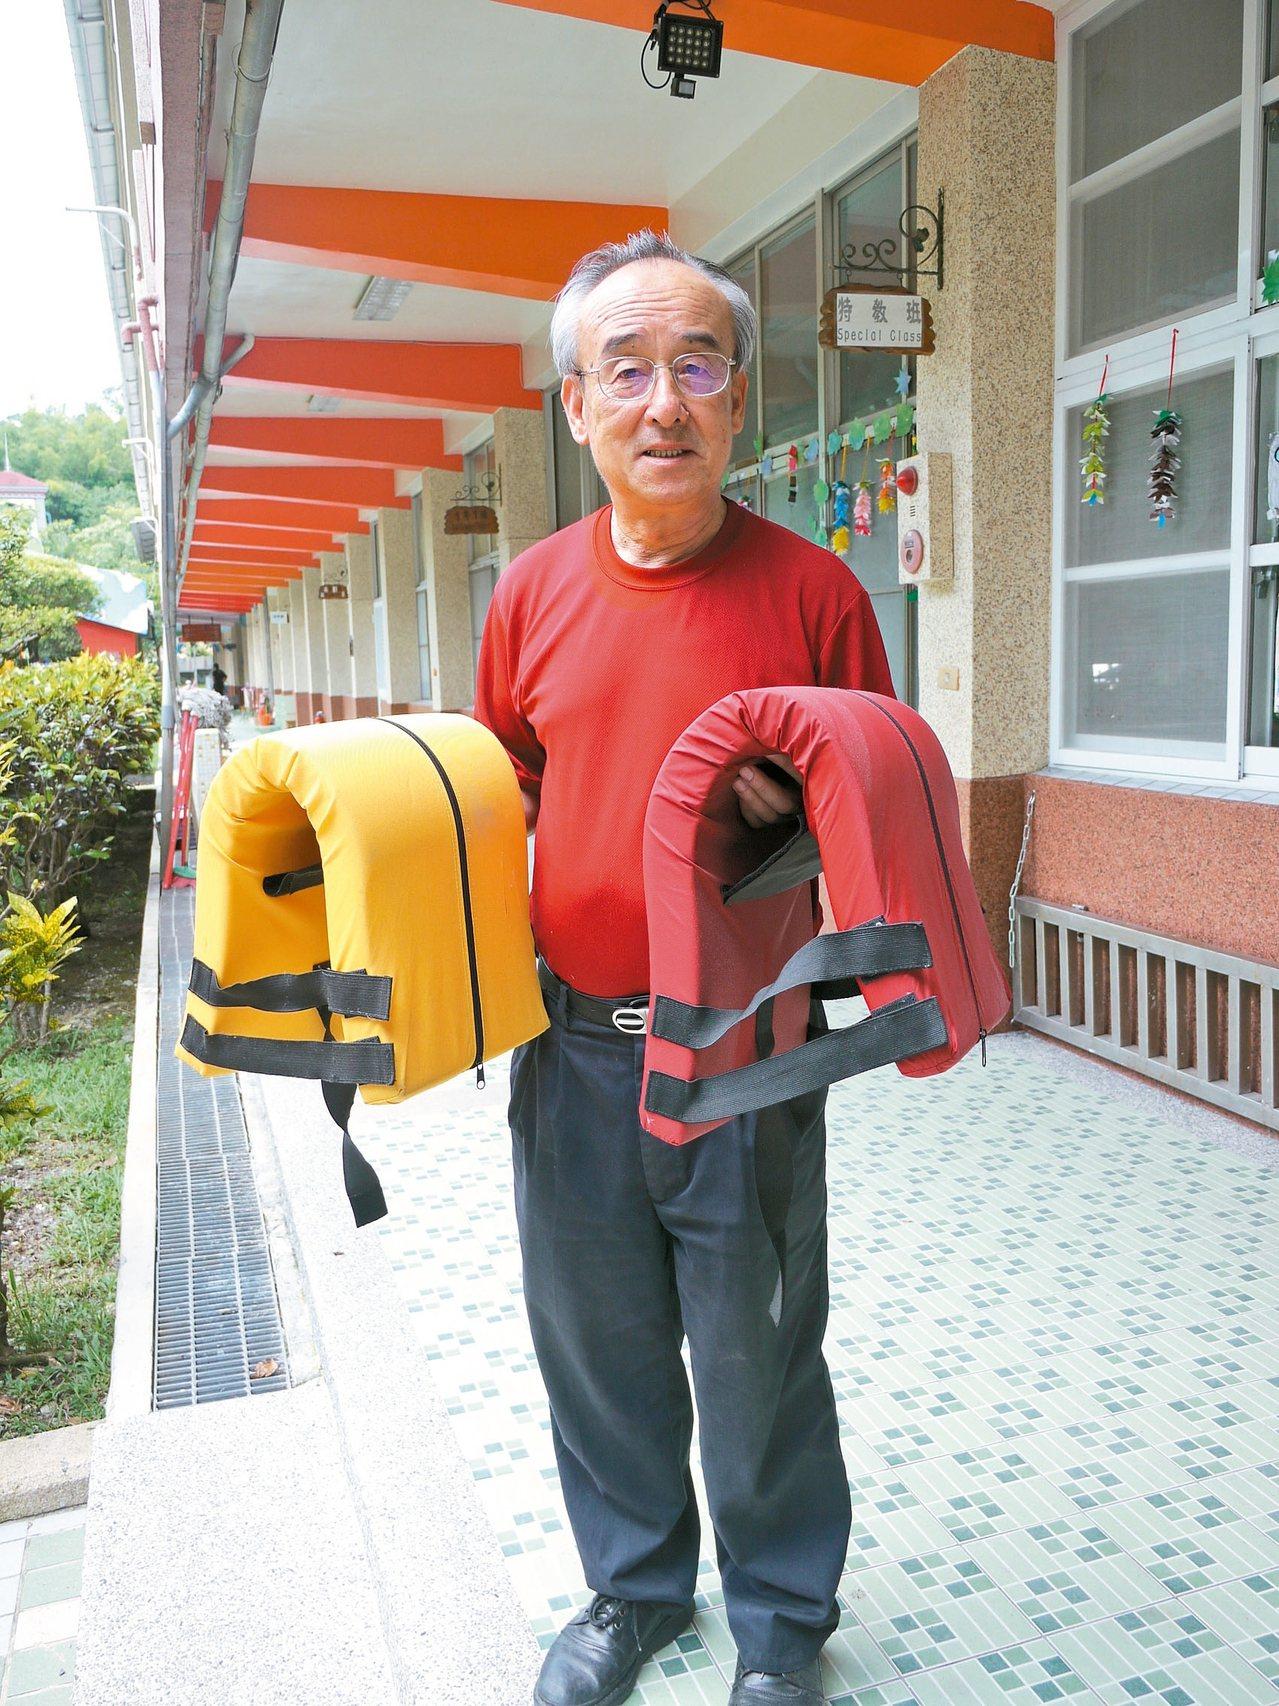 六龜國小校長黃龍泉將畢生歲月貢獻在偏鄉學校,手上拿的「多功能防災頭套」是他所發明...